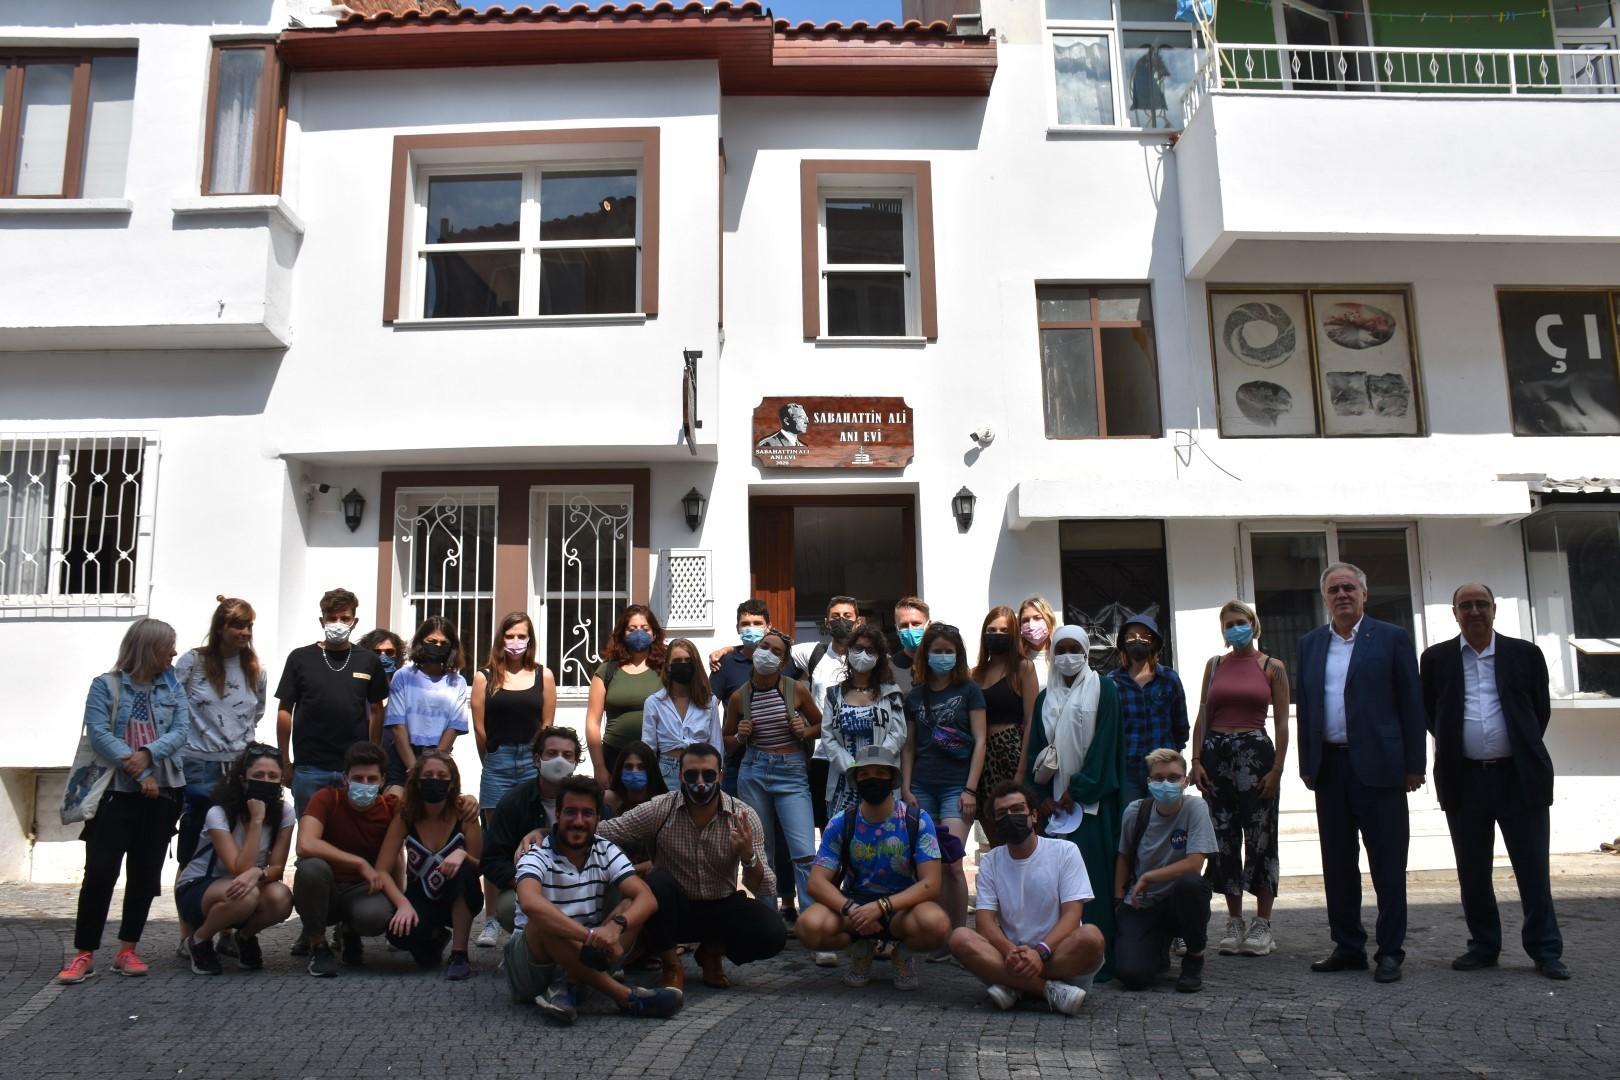 Avrupalı gençler Sabahattin Ali Evi'ni gezdi--1